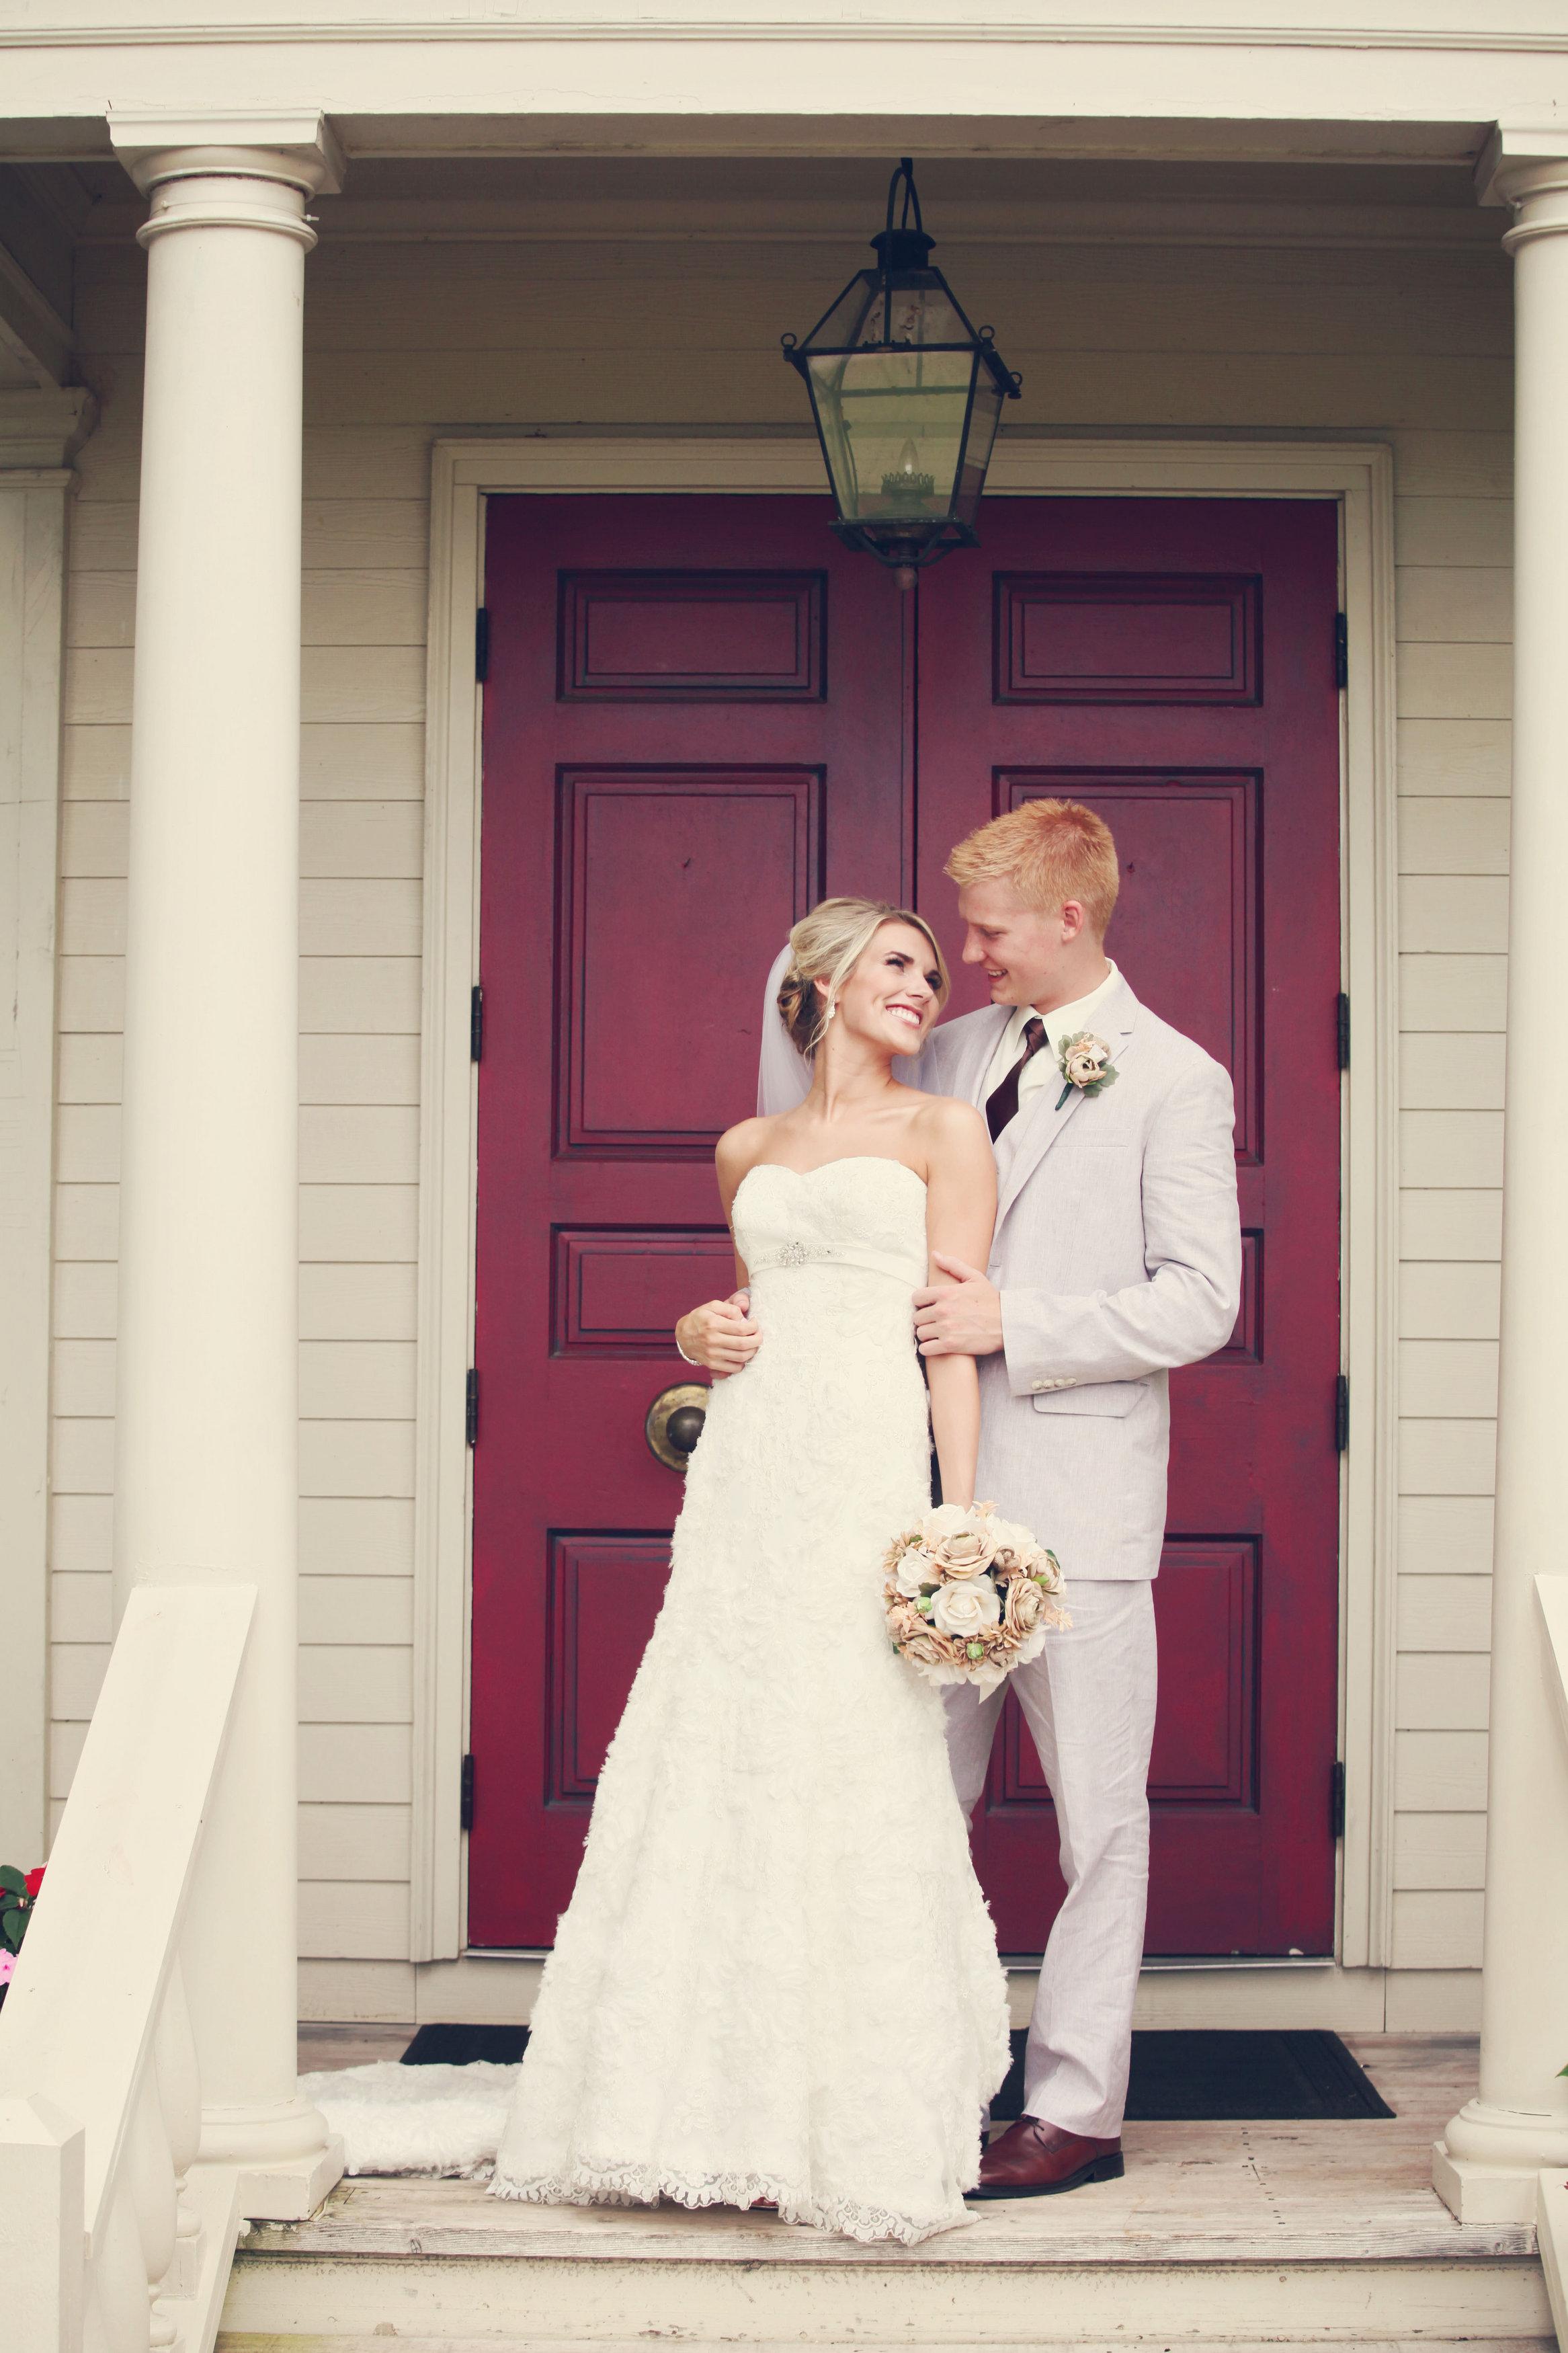 Ashley & Holt's Rustic Barn Wedding   Missouri Rustic Weddings